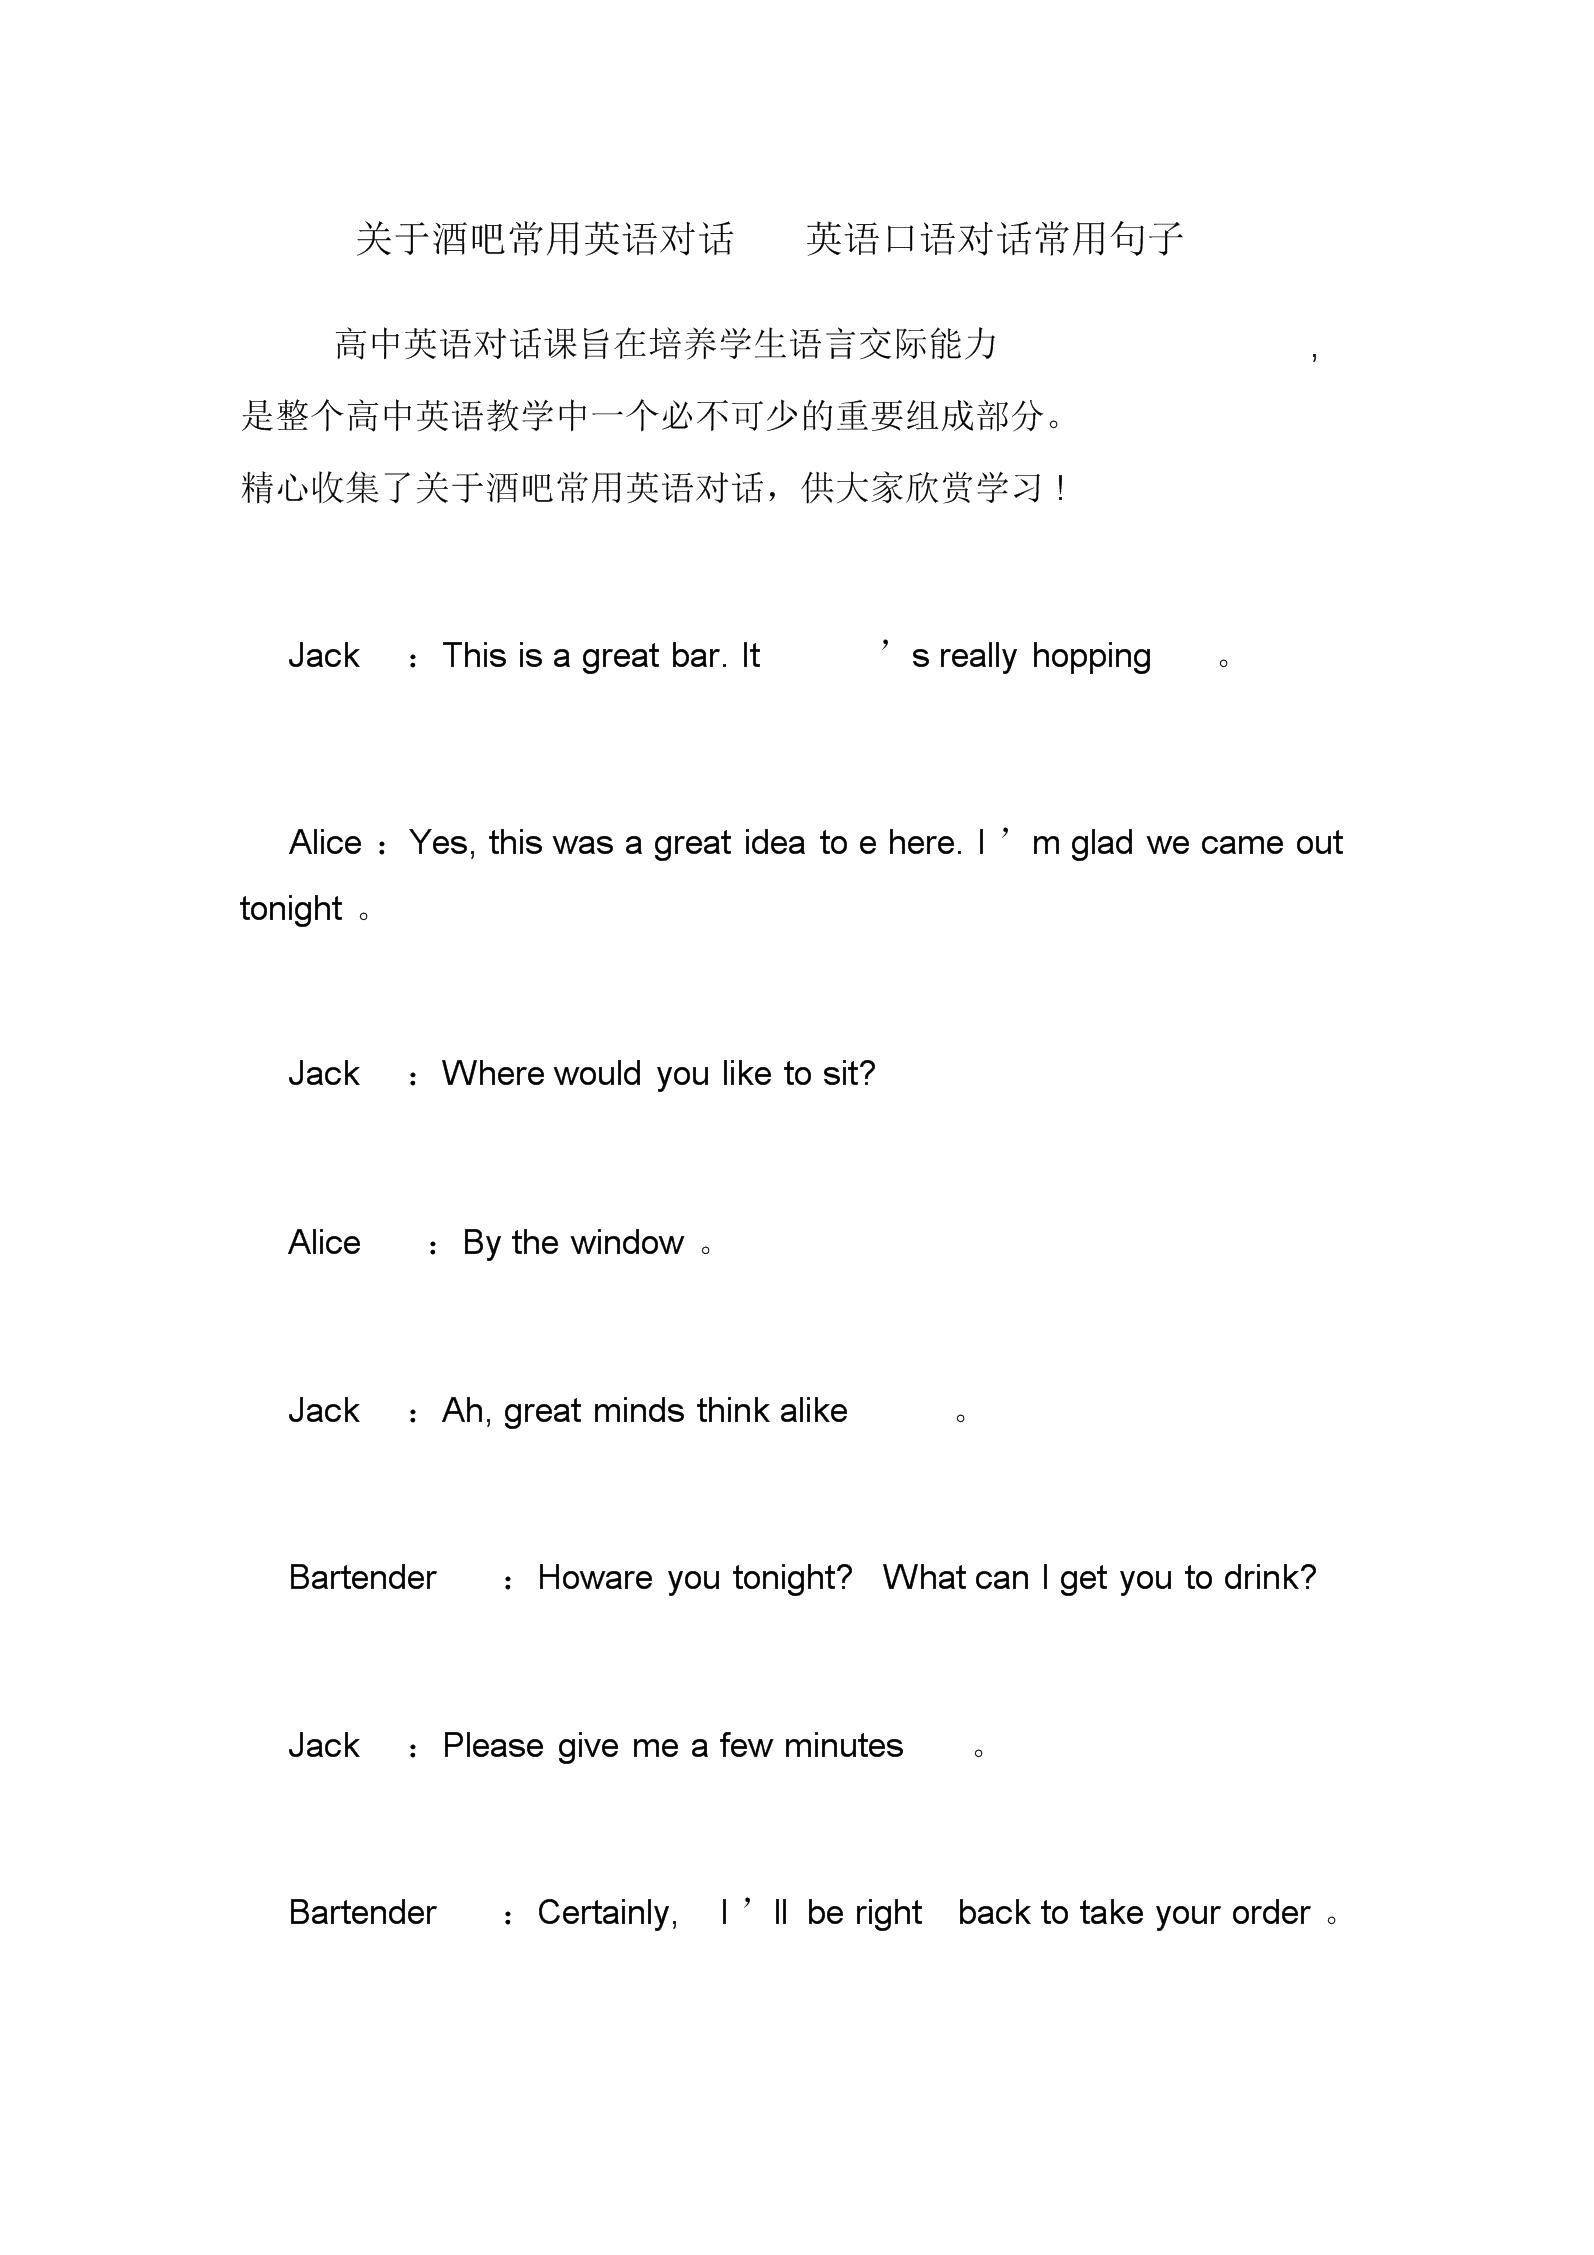 关于酒吧常用英语对话英语口语对话常用句子.doc